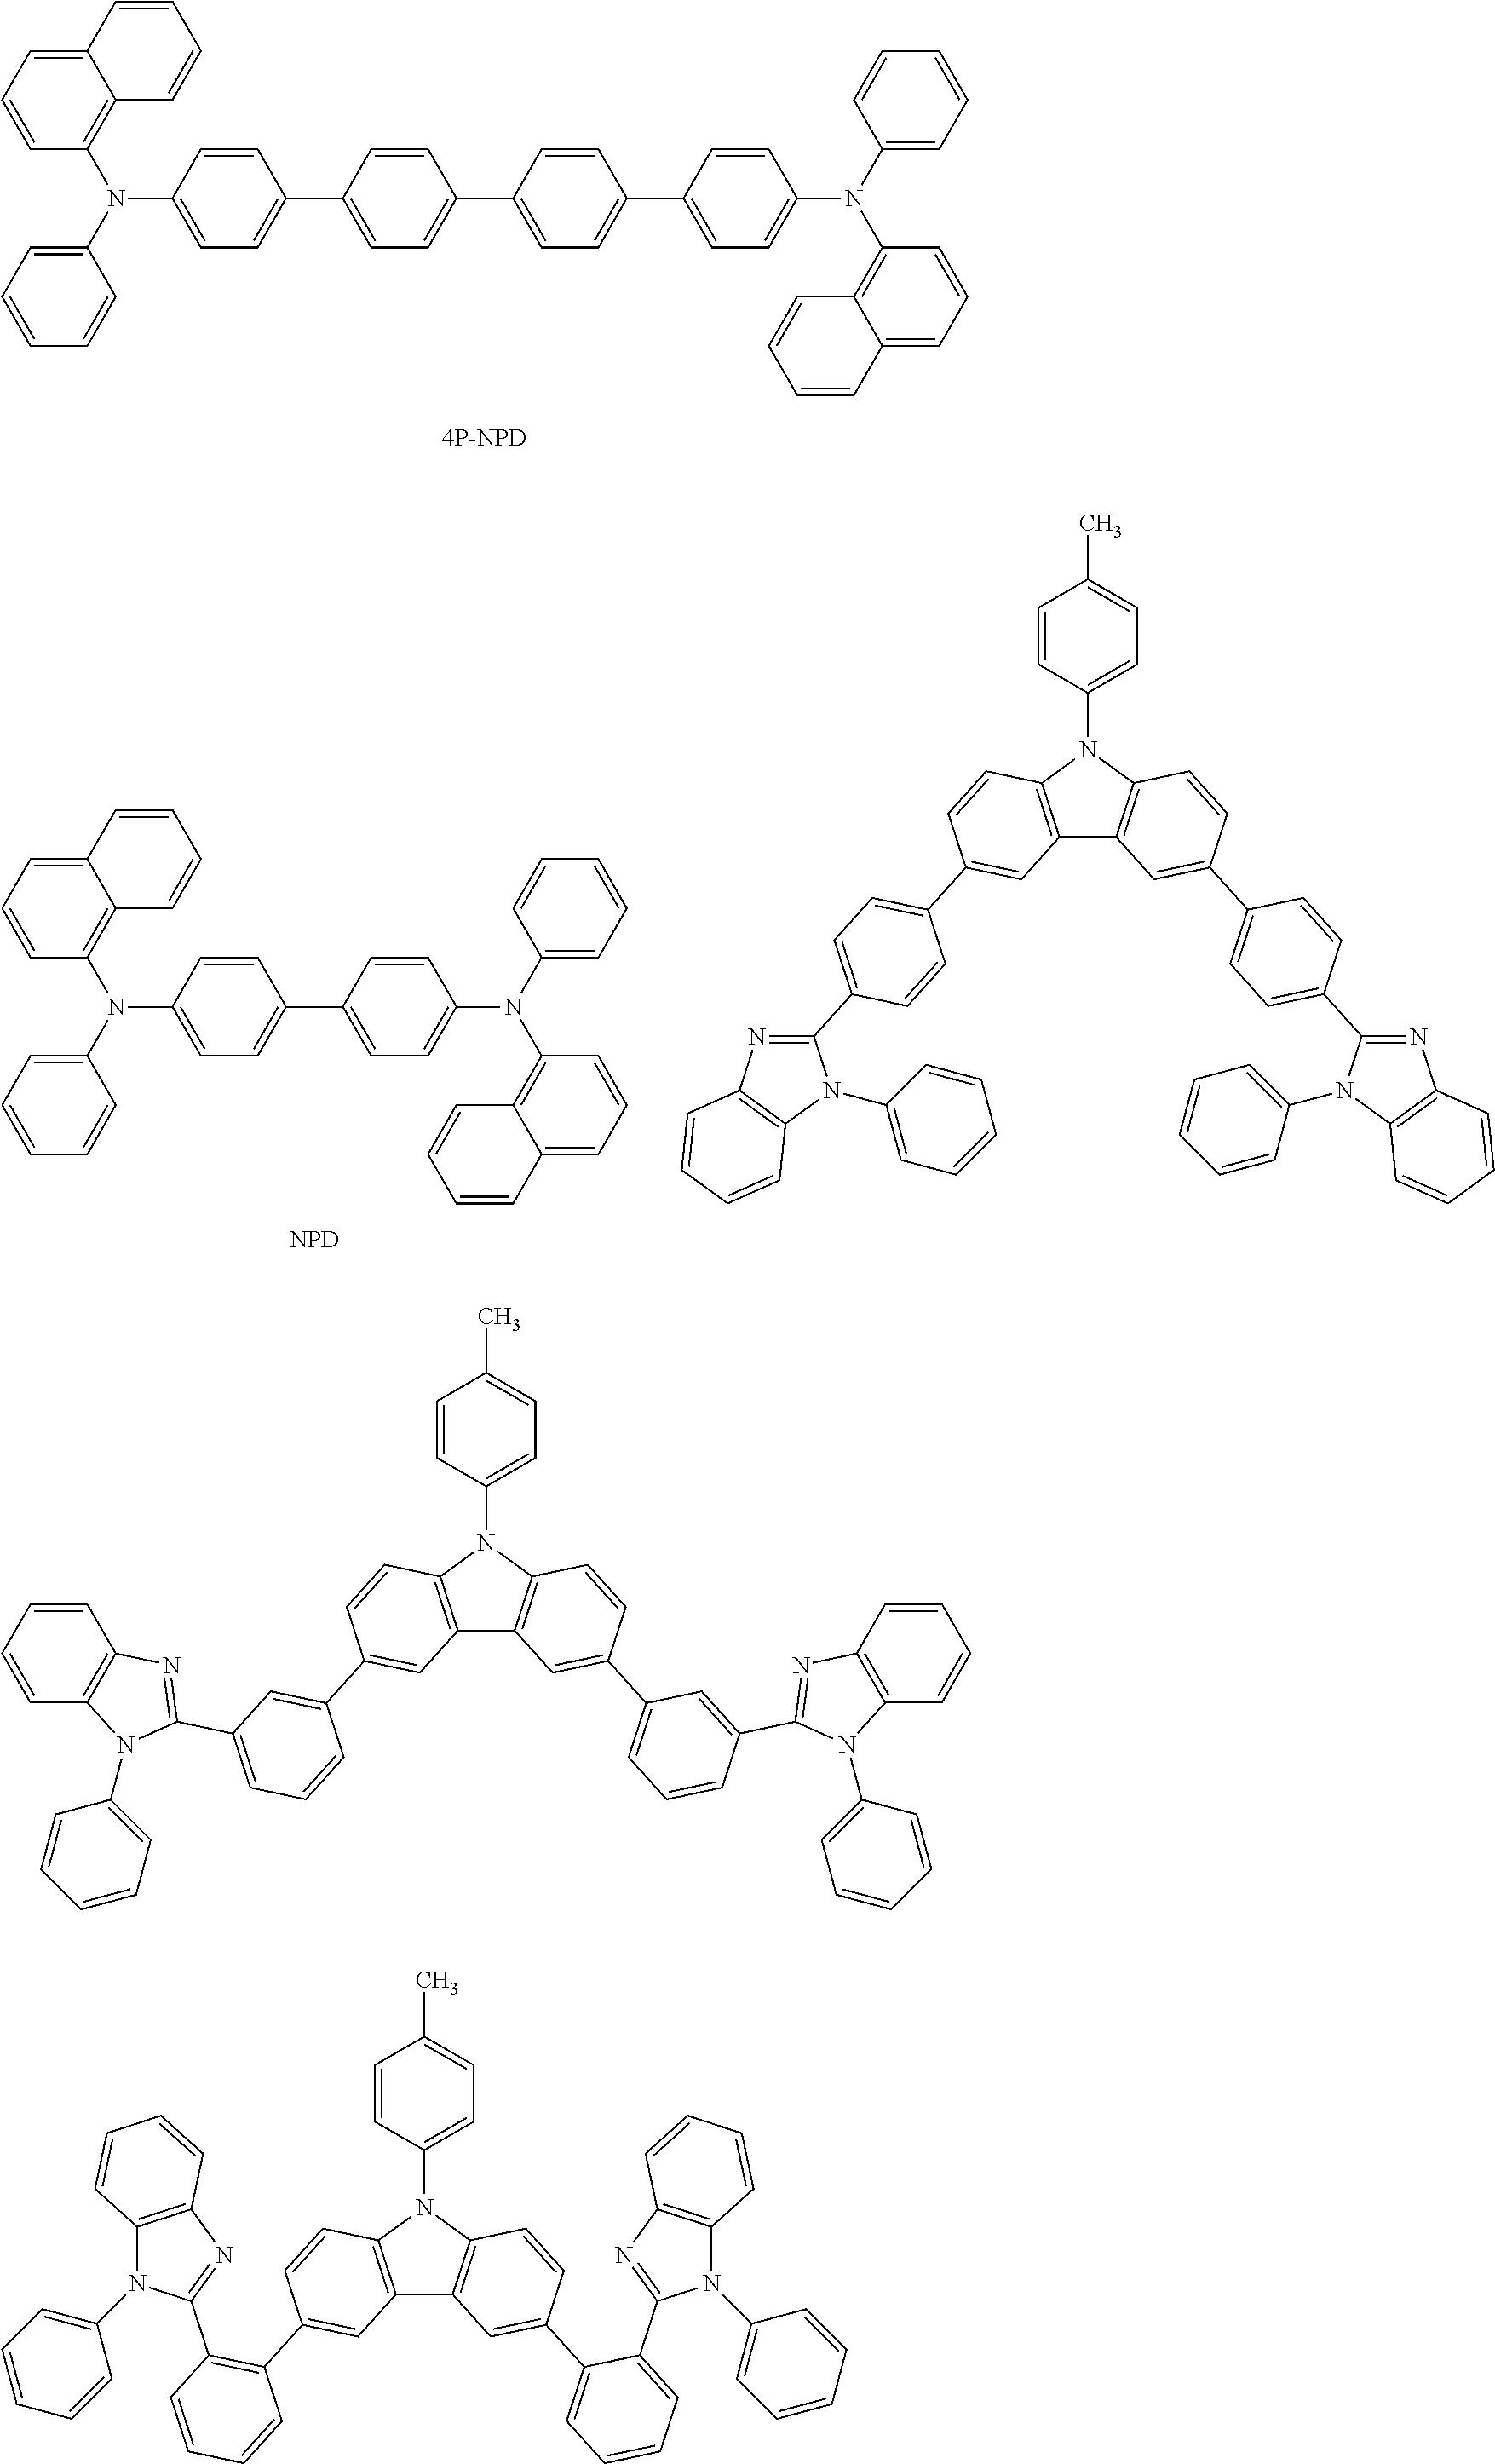 Figure US09853220-20171226-C00002